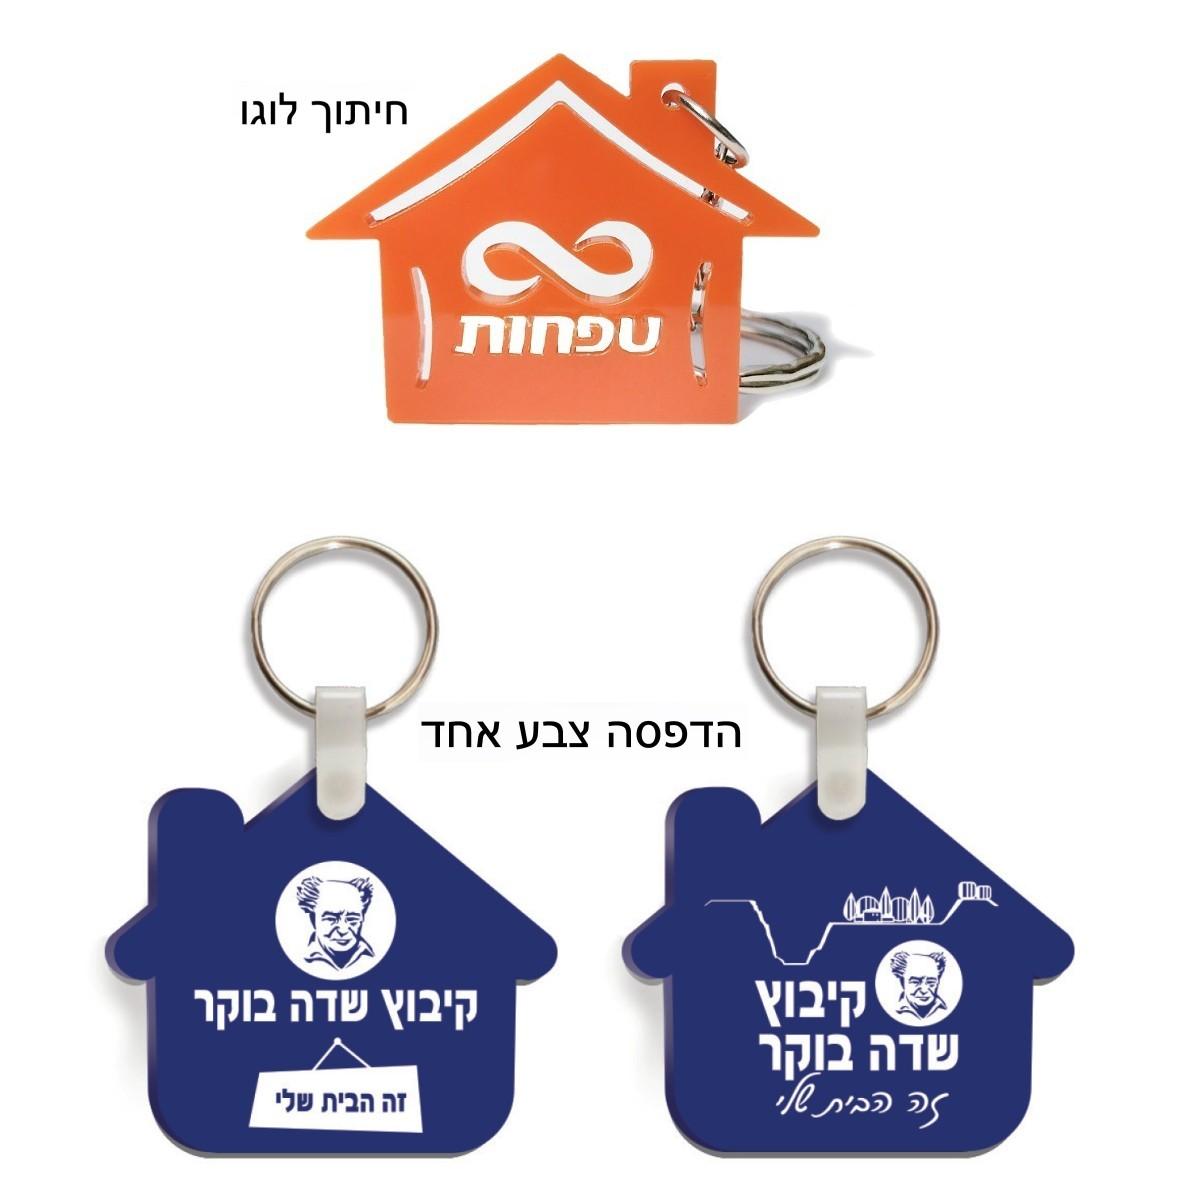 מחזיק מפתחות בעיצוב אישי - קיצ'יין